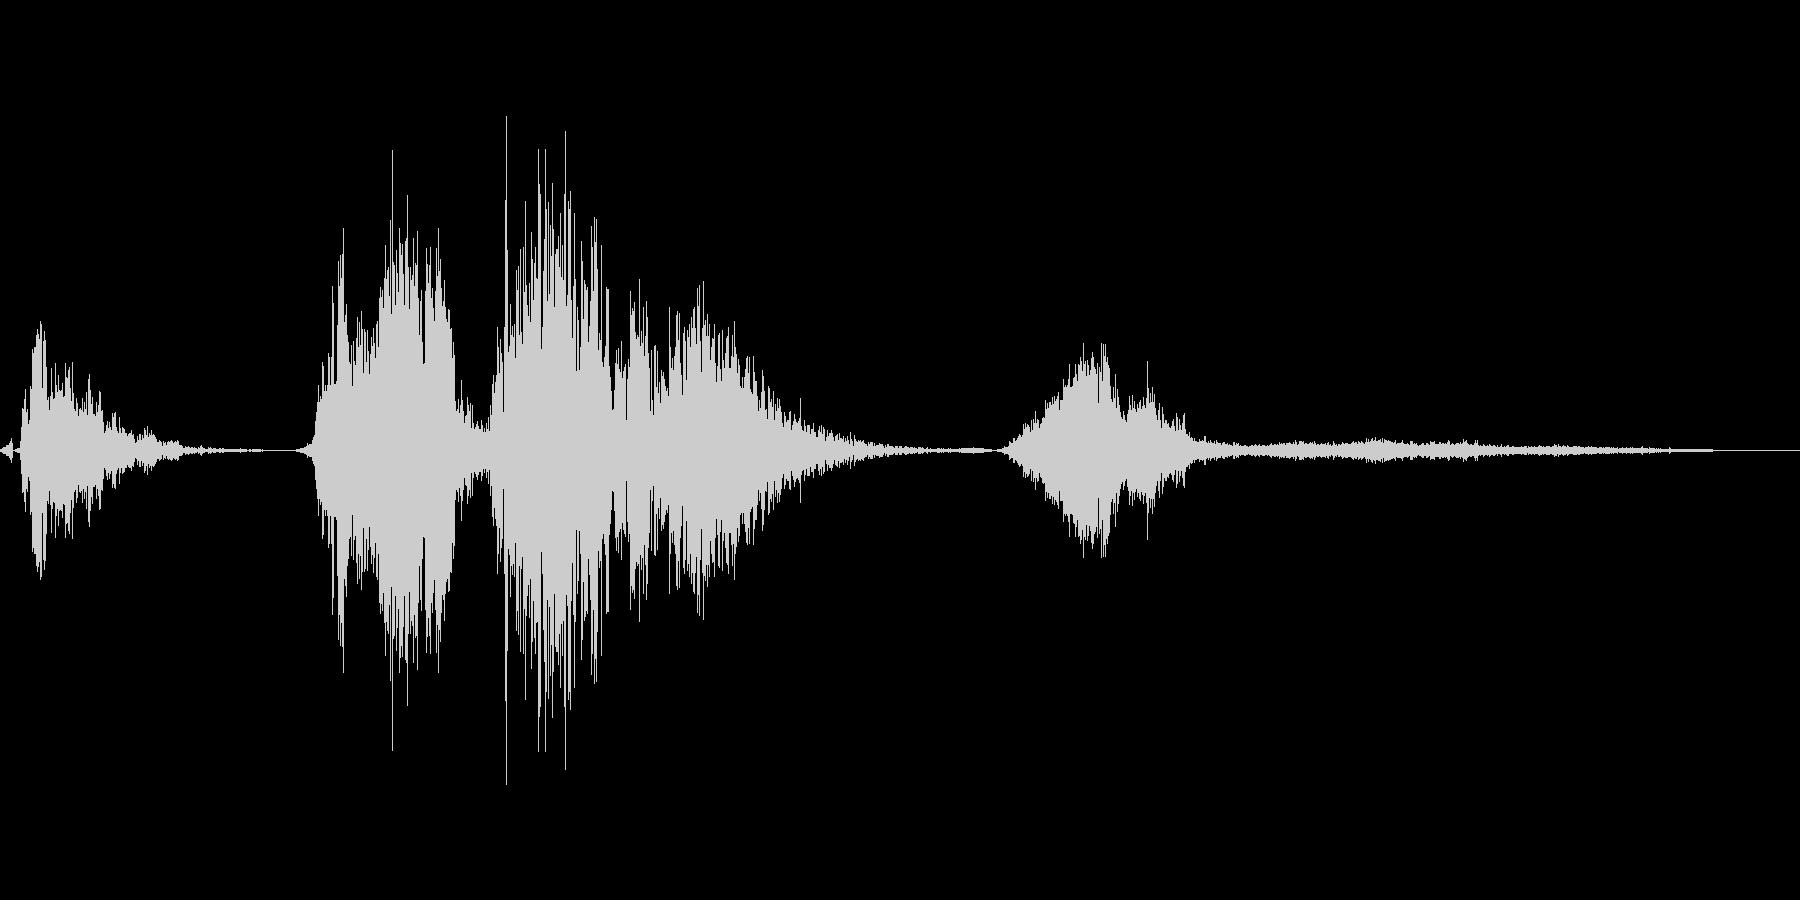 リキッドプレデター、メタルベンドシ...の未再生の波形